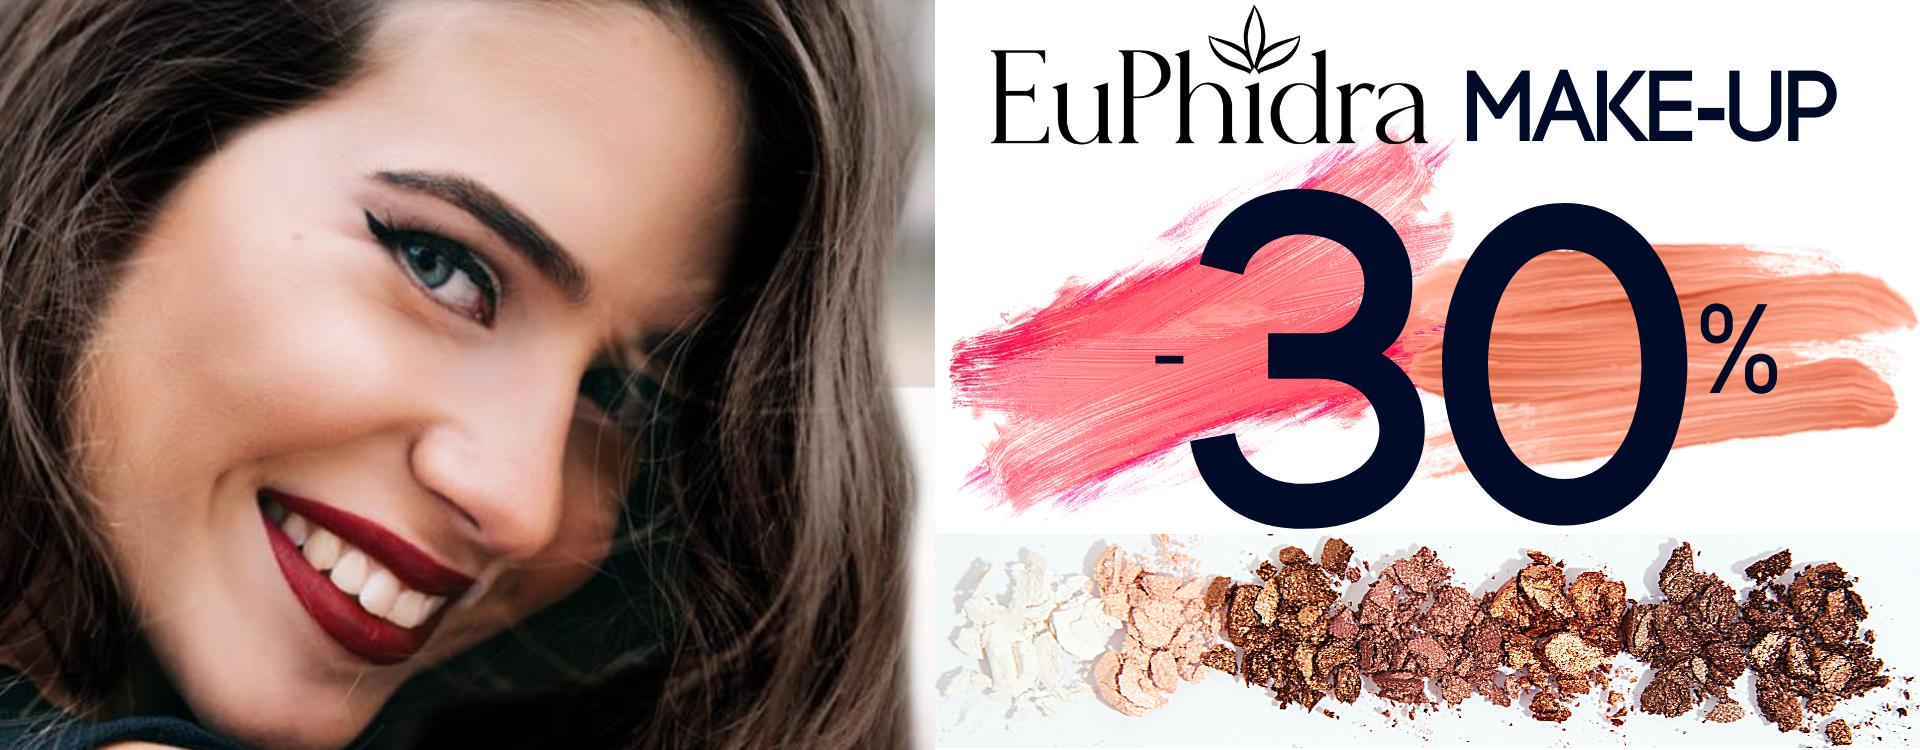 Promo Euphidra make-up